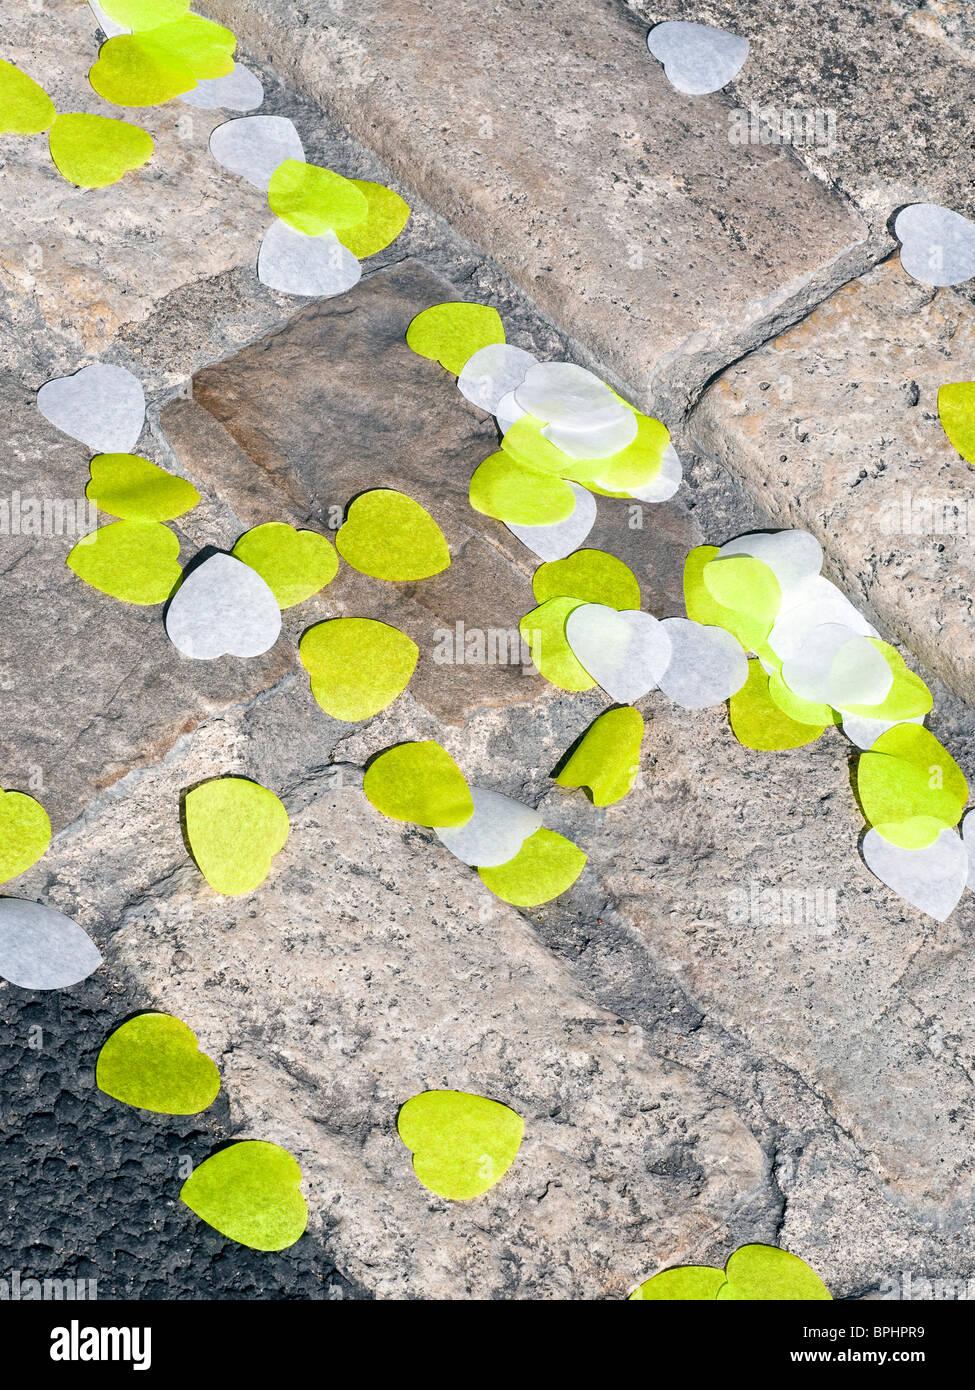 A forma di cuore ad coriandoli giacente nella grondaia dopo il matrimonio - Indre-et-Loire, Francia. Immagini Stock